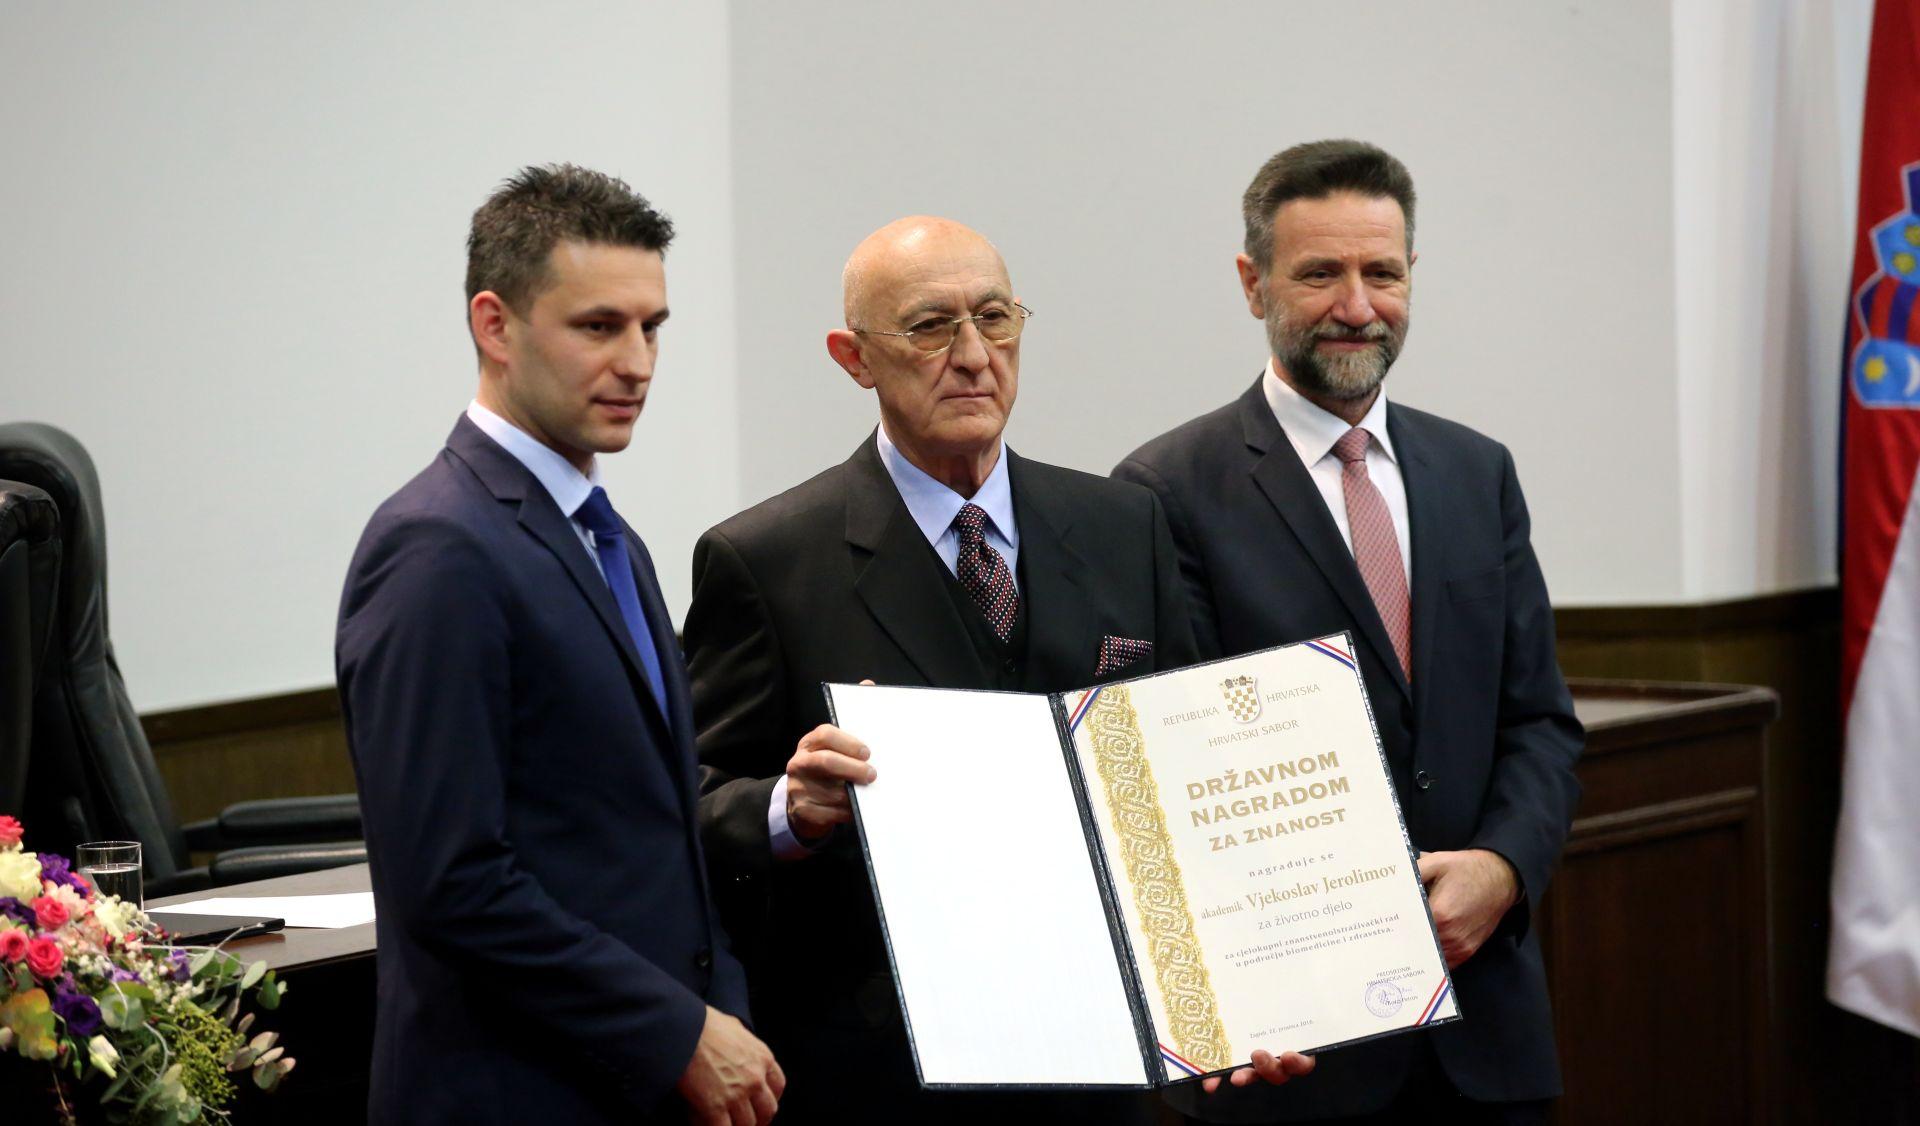 Uz uručenje Državnih nagrada za znanost za 2015. – veća pozornost mladim znanstvenicima